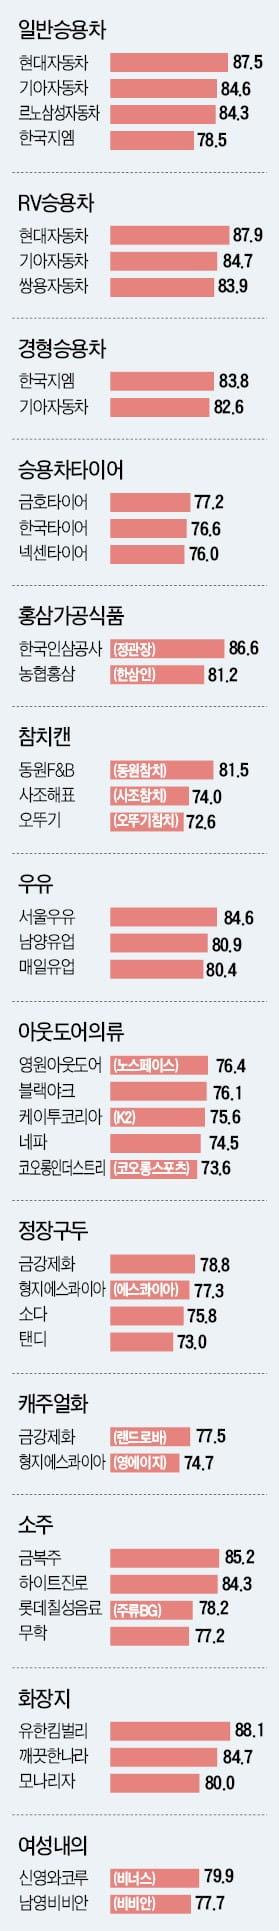 한국필립모리스, 맛과 향에서 높은 만족